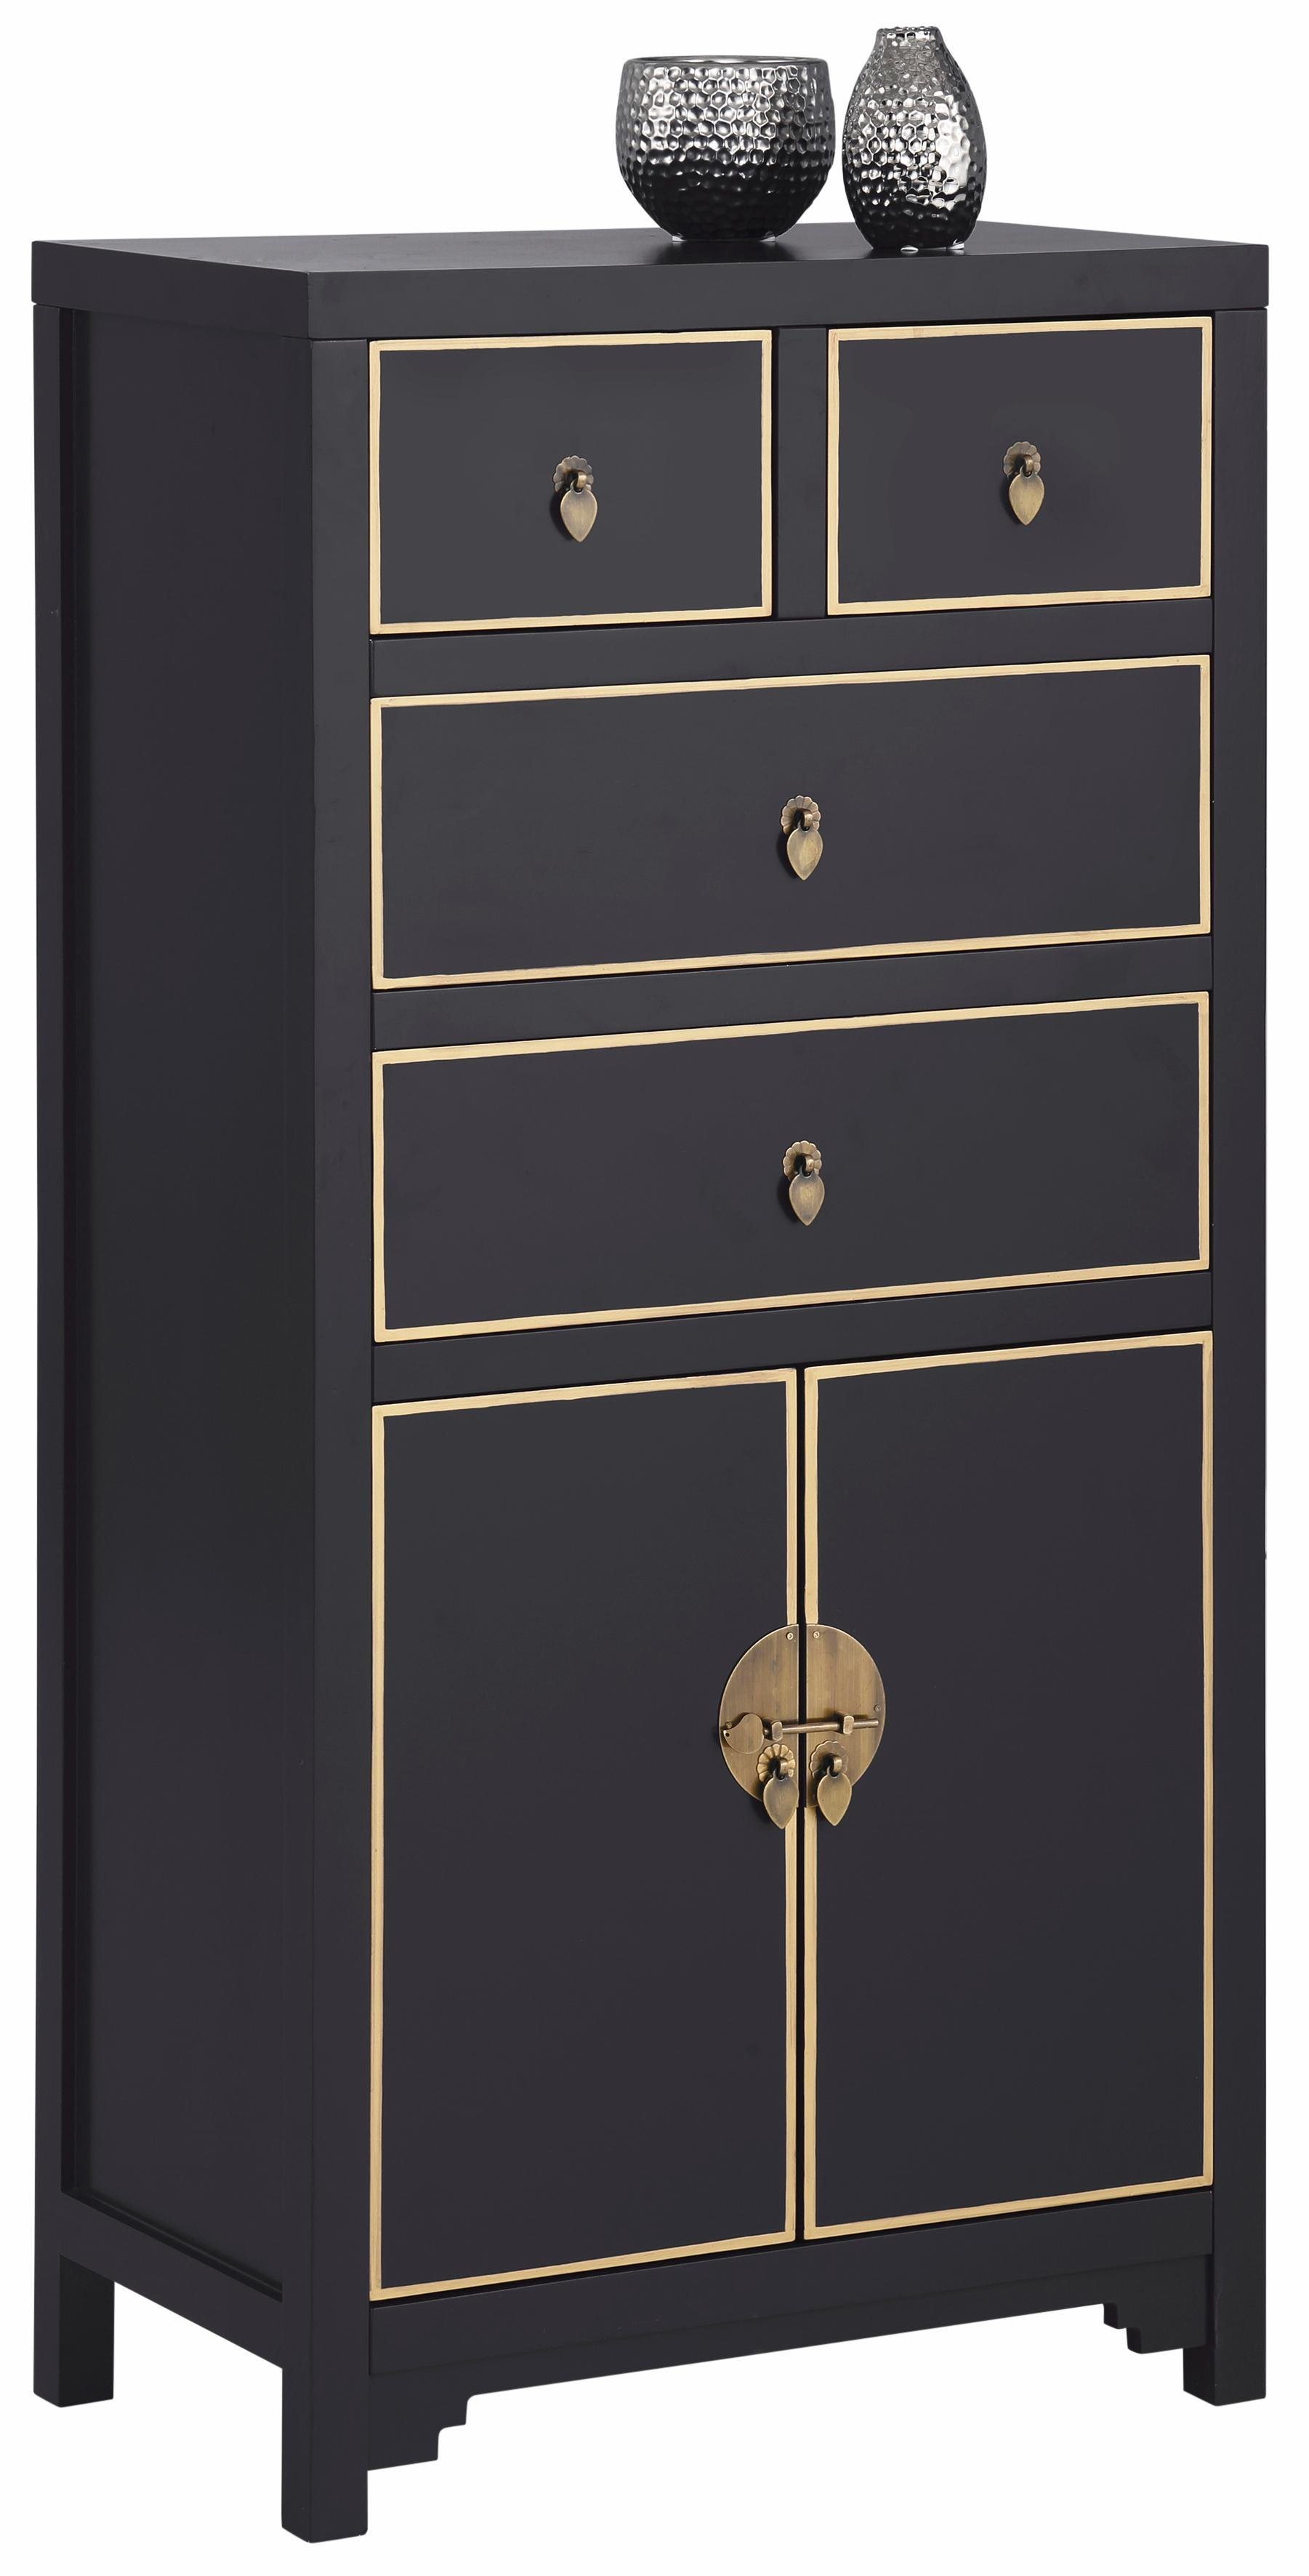 kommode 60 breit preisvergleich die besten angebote online kaufen. Black Bedroom Furniture Sets. Home Design Ideas